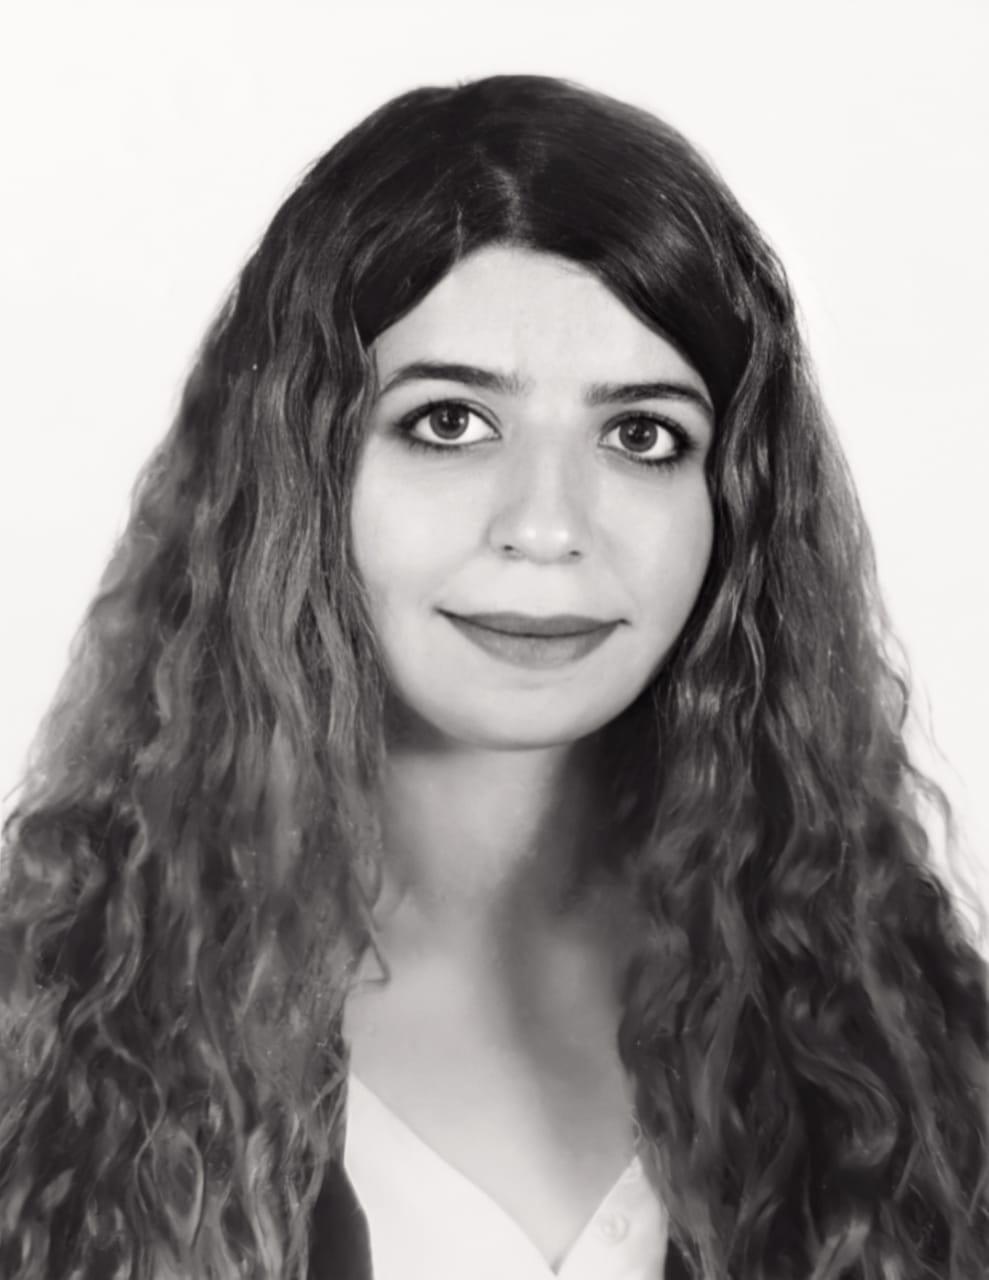 مروى صعب - صحافية لبنانية